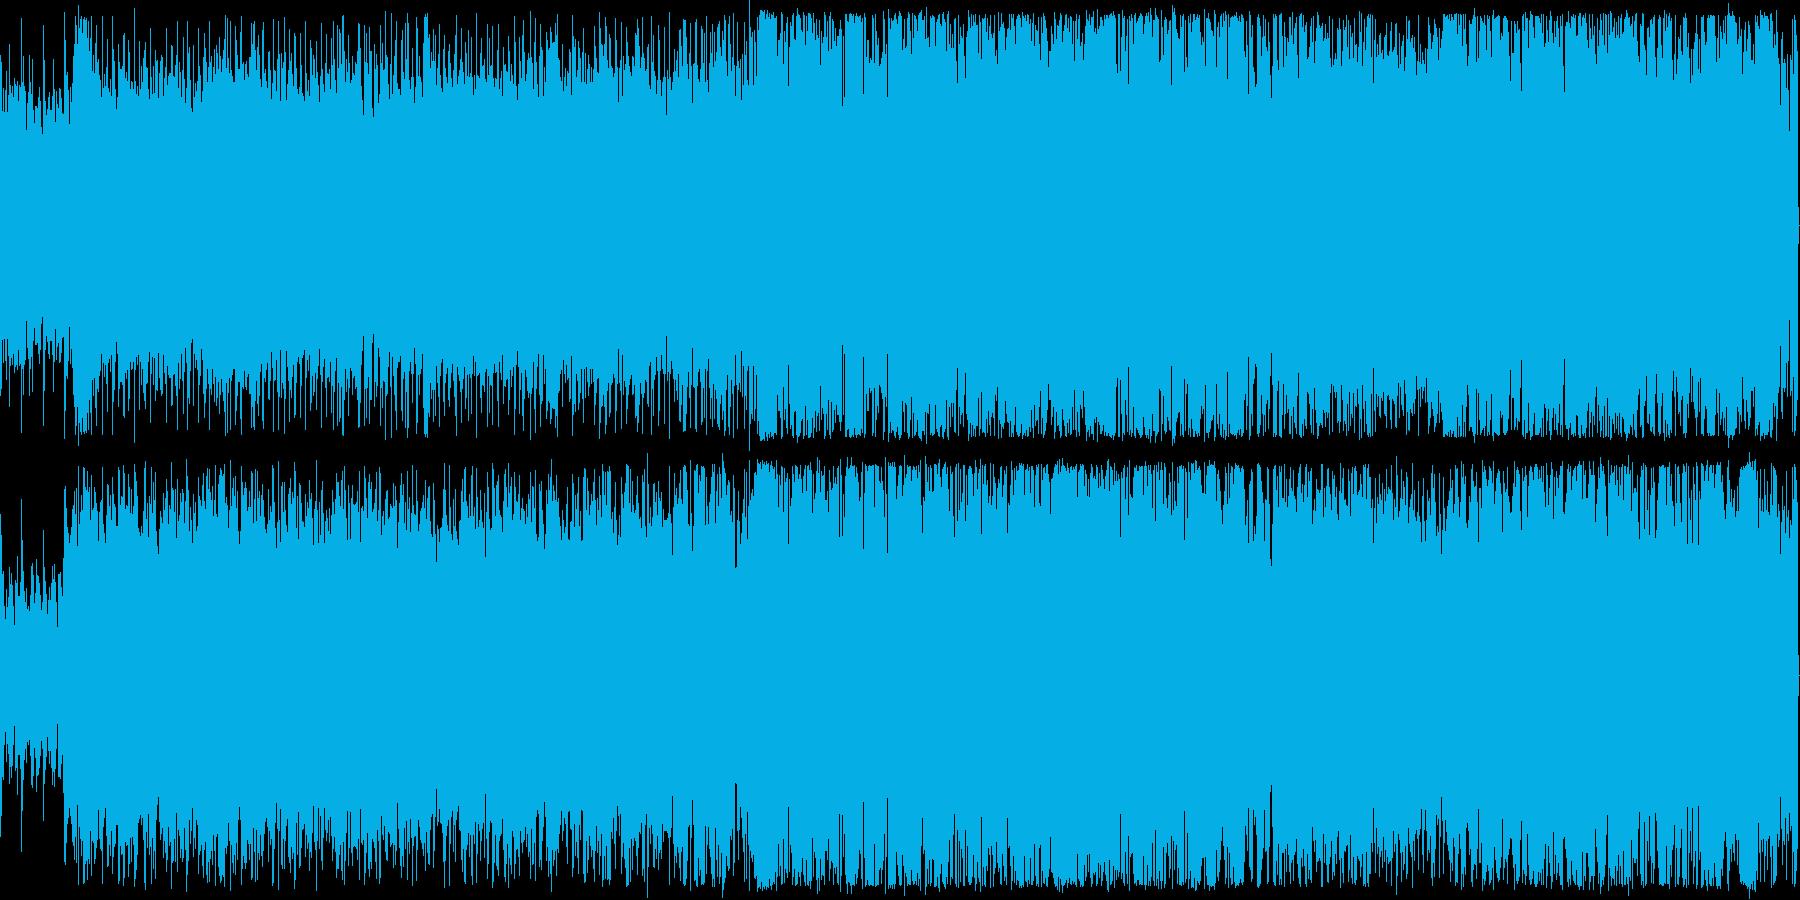 レースゲームや戦闘系に向いているBGMの再生済みの波形